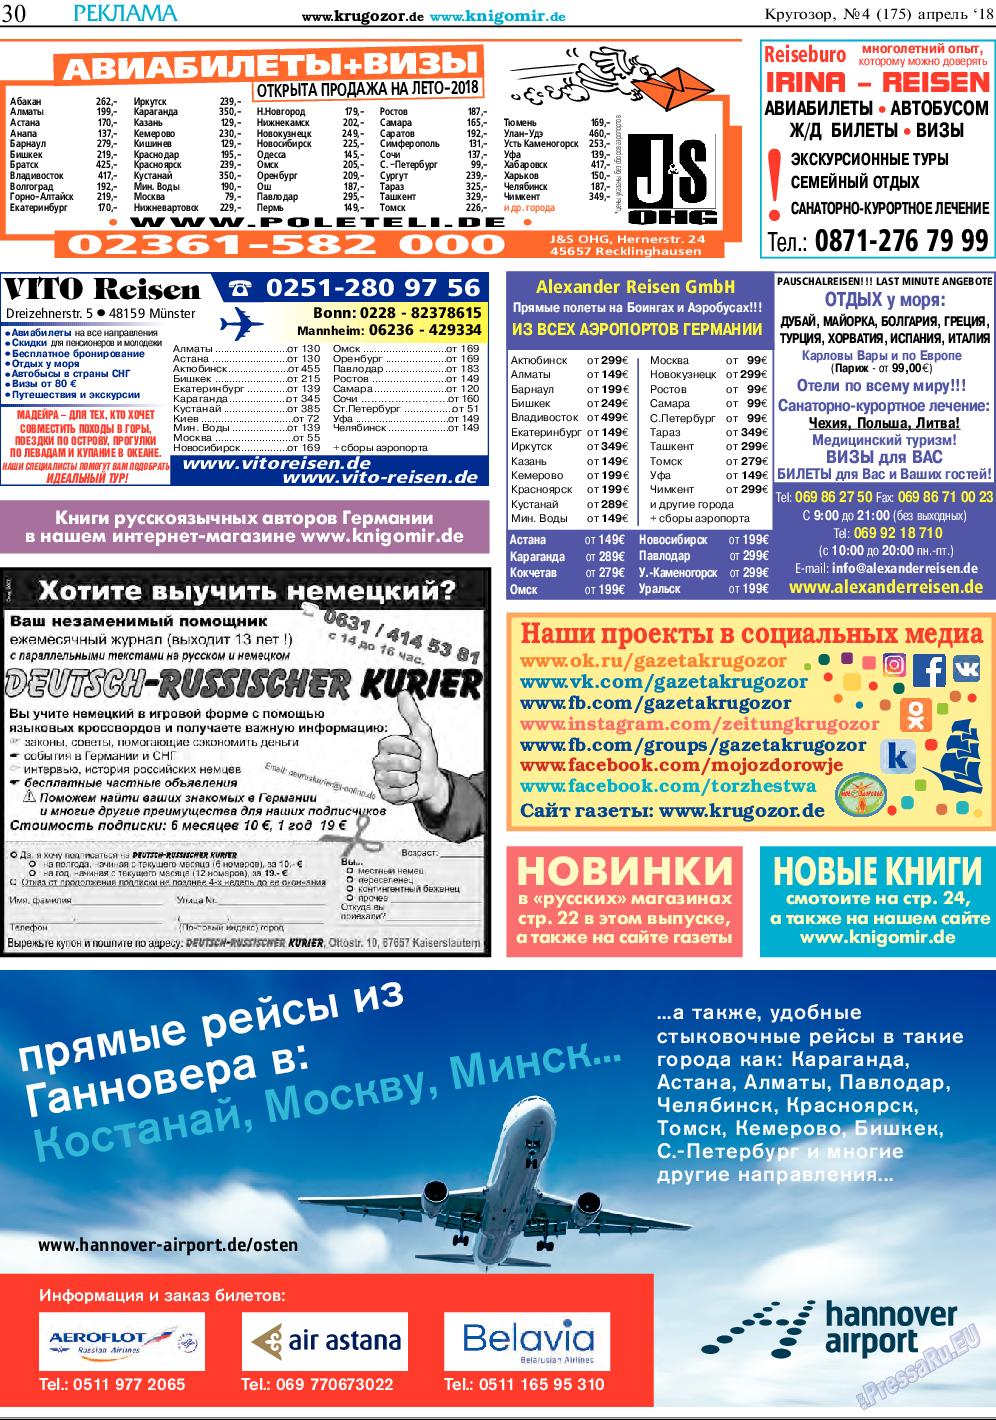 Кругозор (газета). 2018 год, номер 4, стр. 30